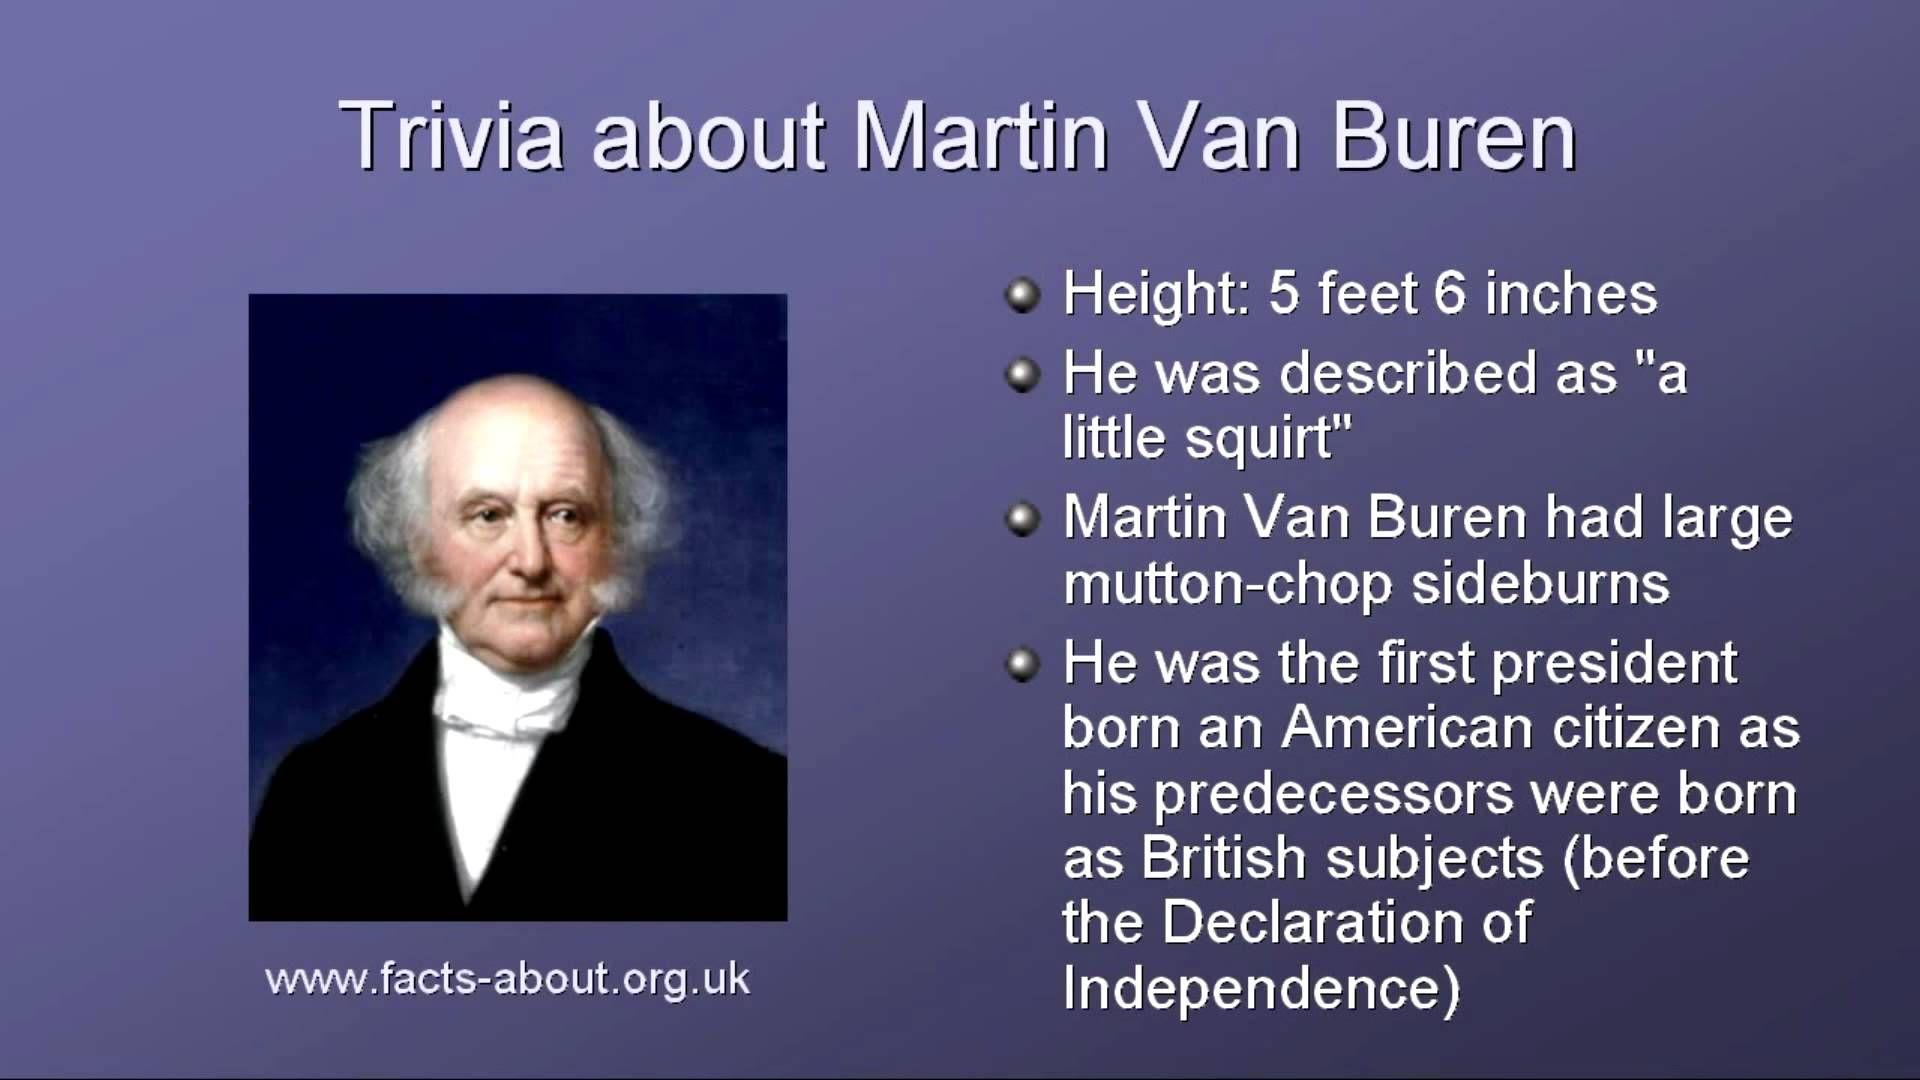 President Martin Van Buren Biography